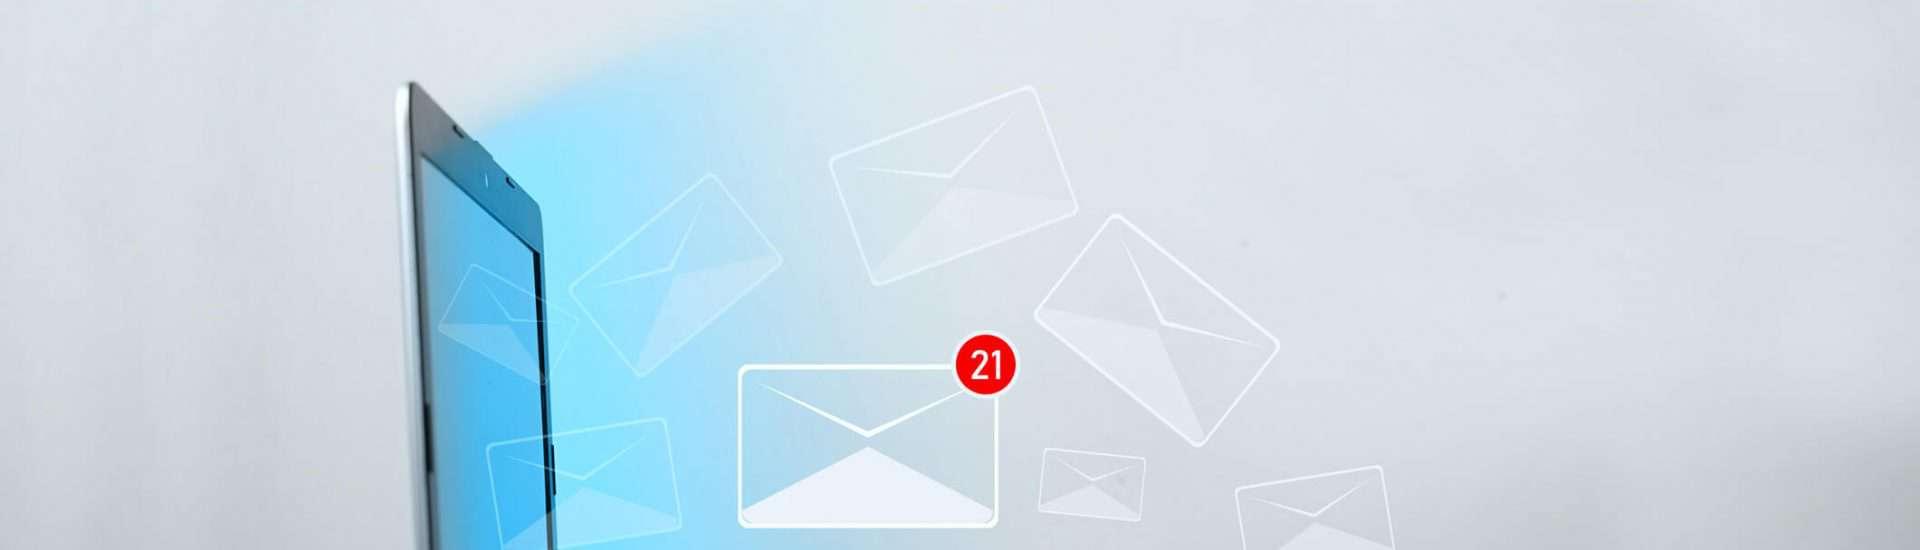 Czy maile to już przeżytek? Niekoniecznie!